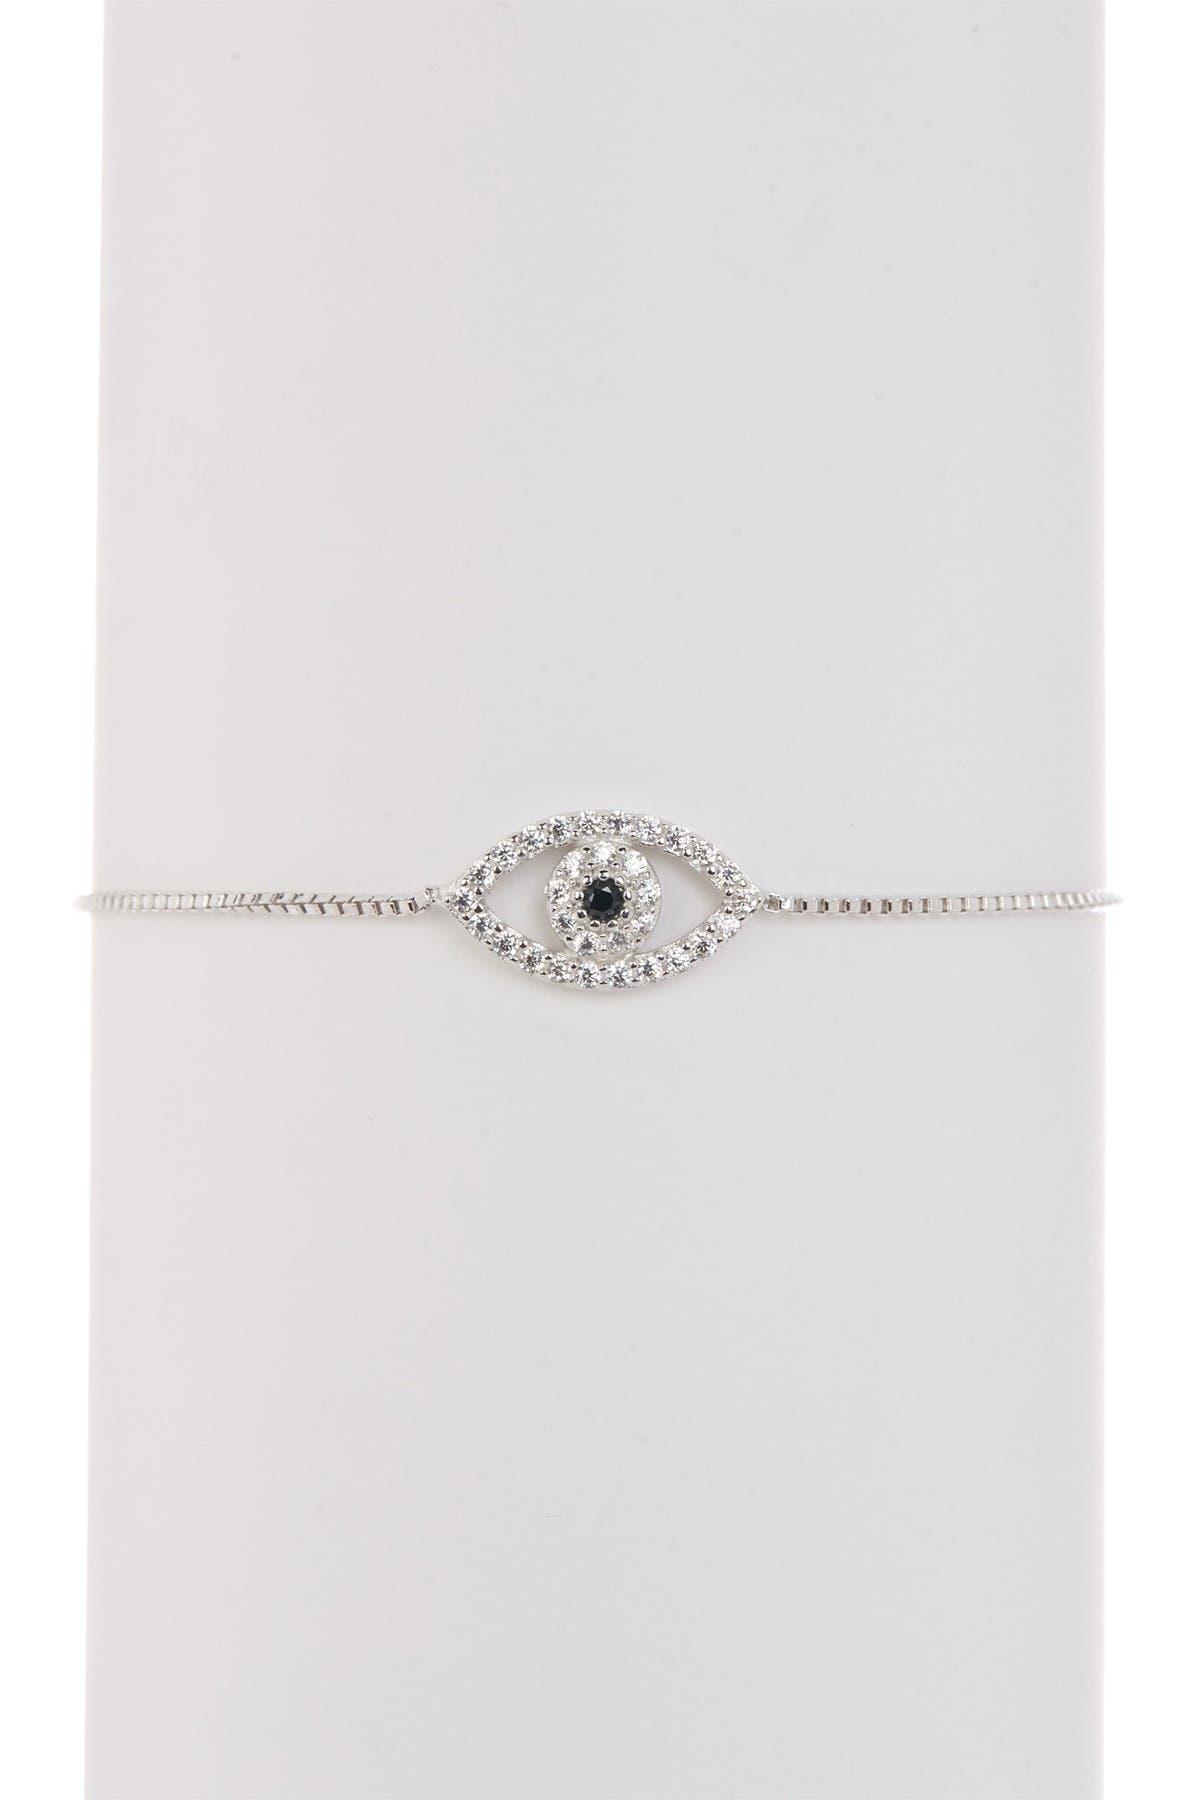 Serebra Jewelry Boucles doreilles /œil m/échant en argent sterling 925 Evil Eye Nazar